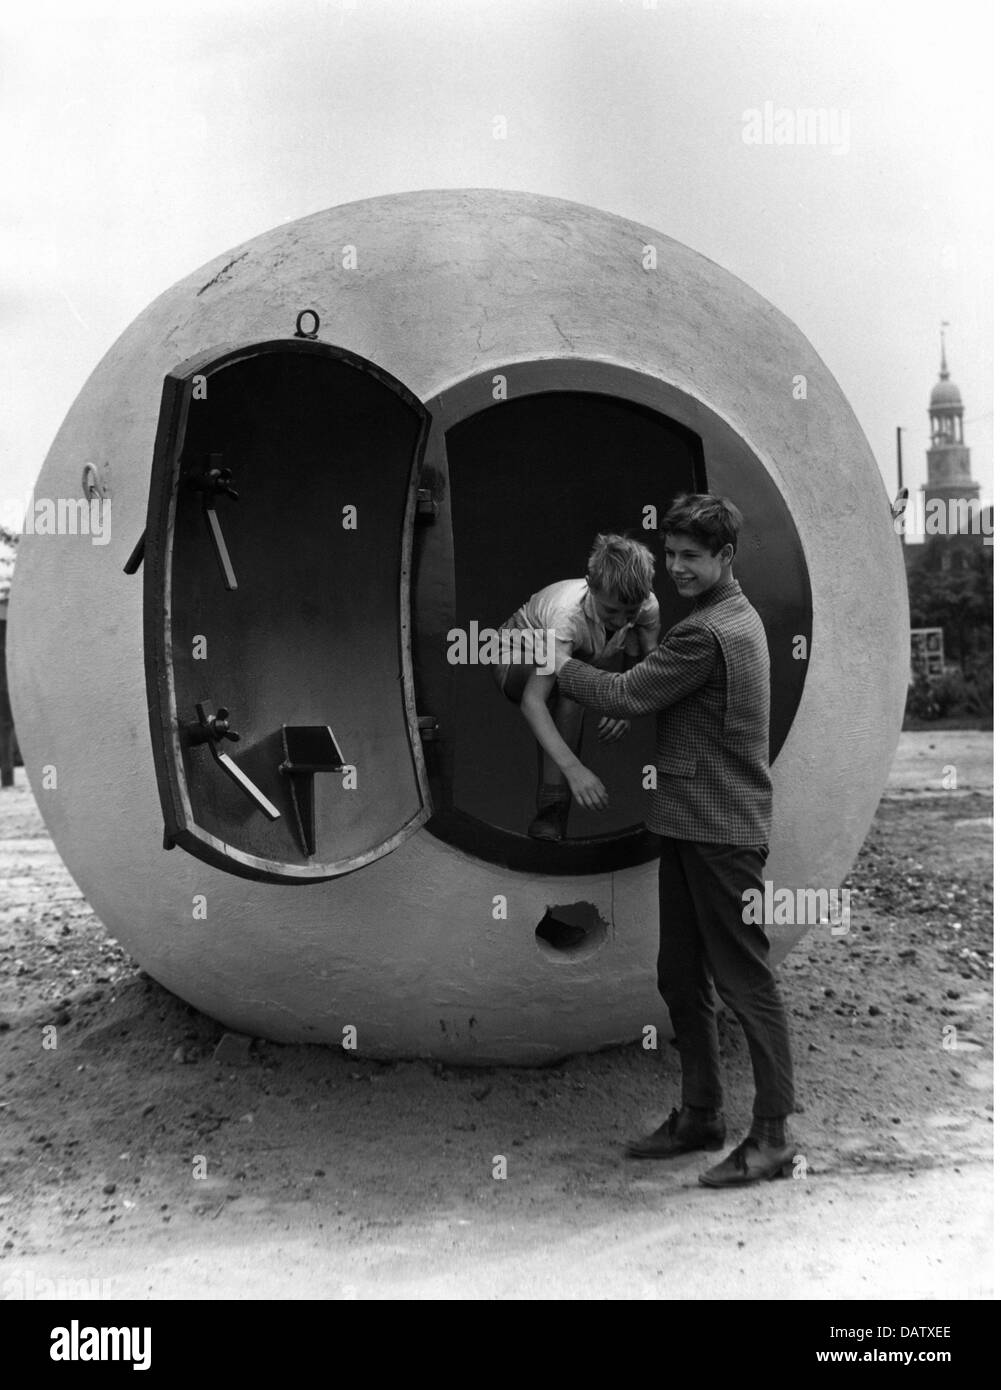 """Kalter Krieg, armierten Beton Bunker, so genannte """"atom Fußball"""", Hamburg, Deutschland, 1960er Jahre, Stockbild"""